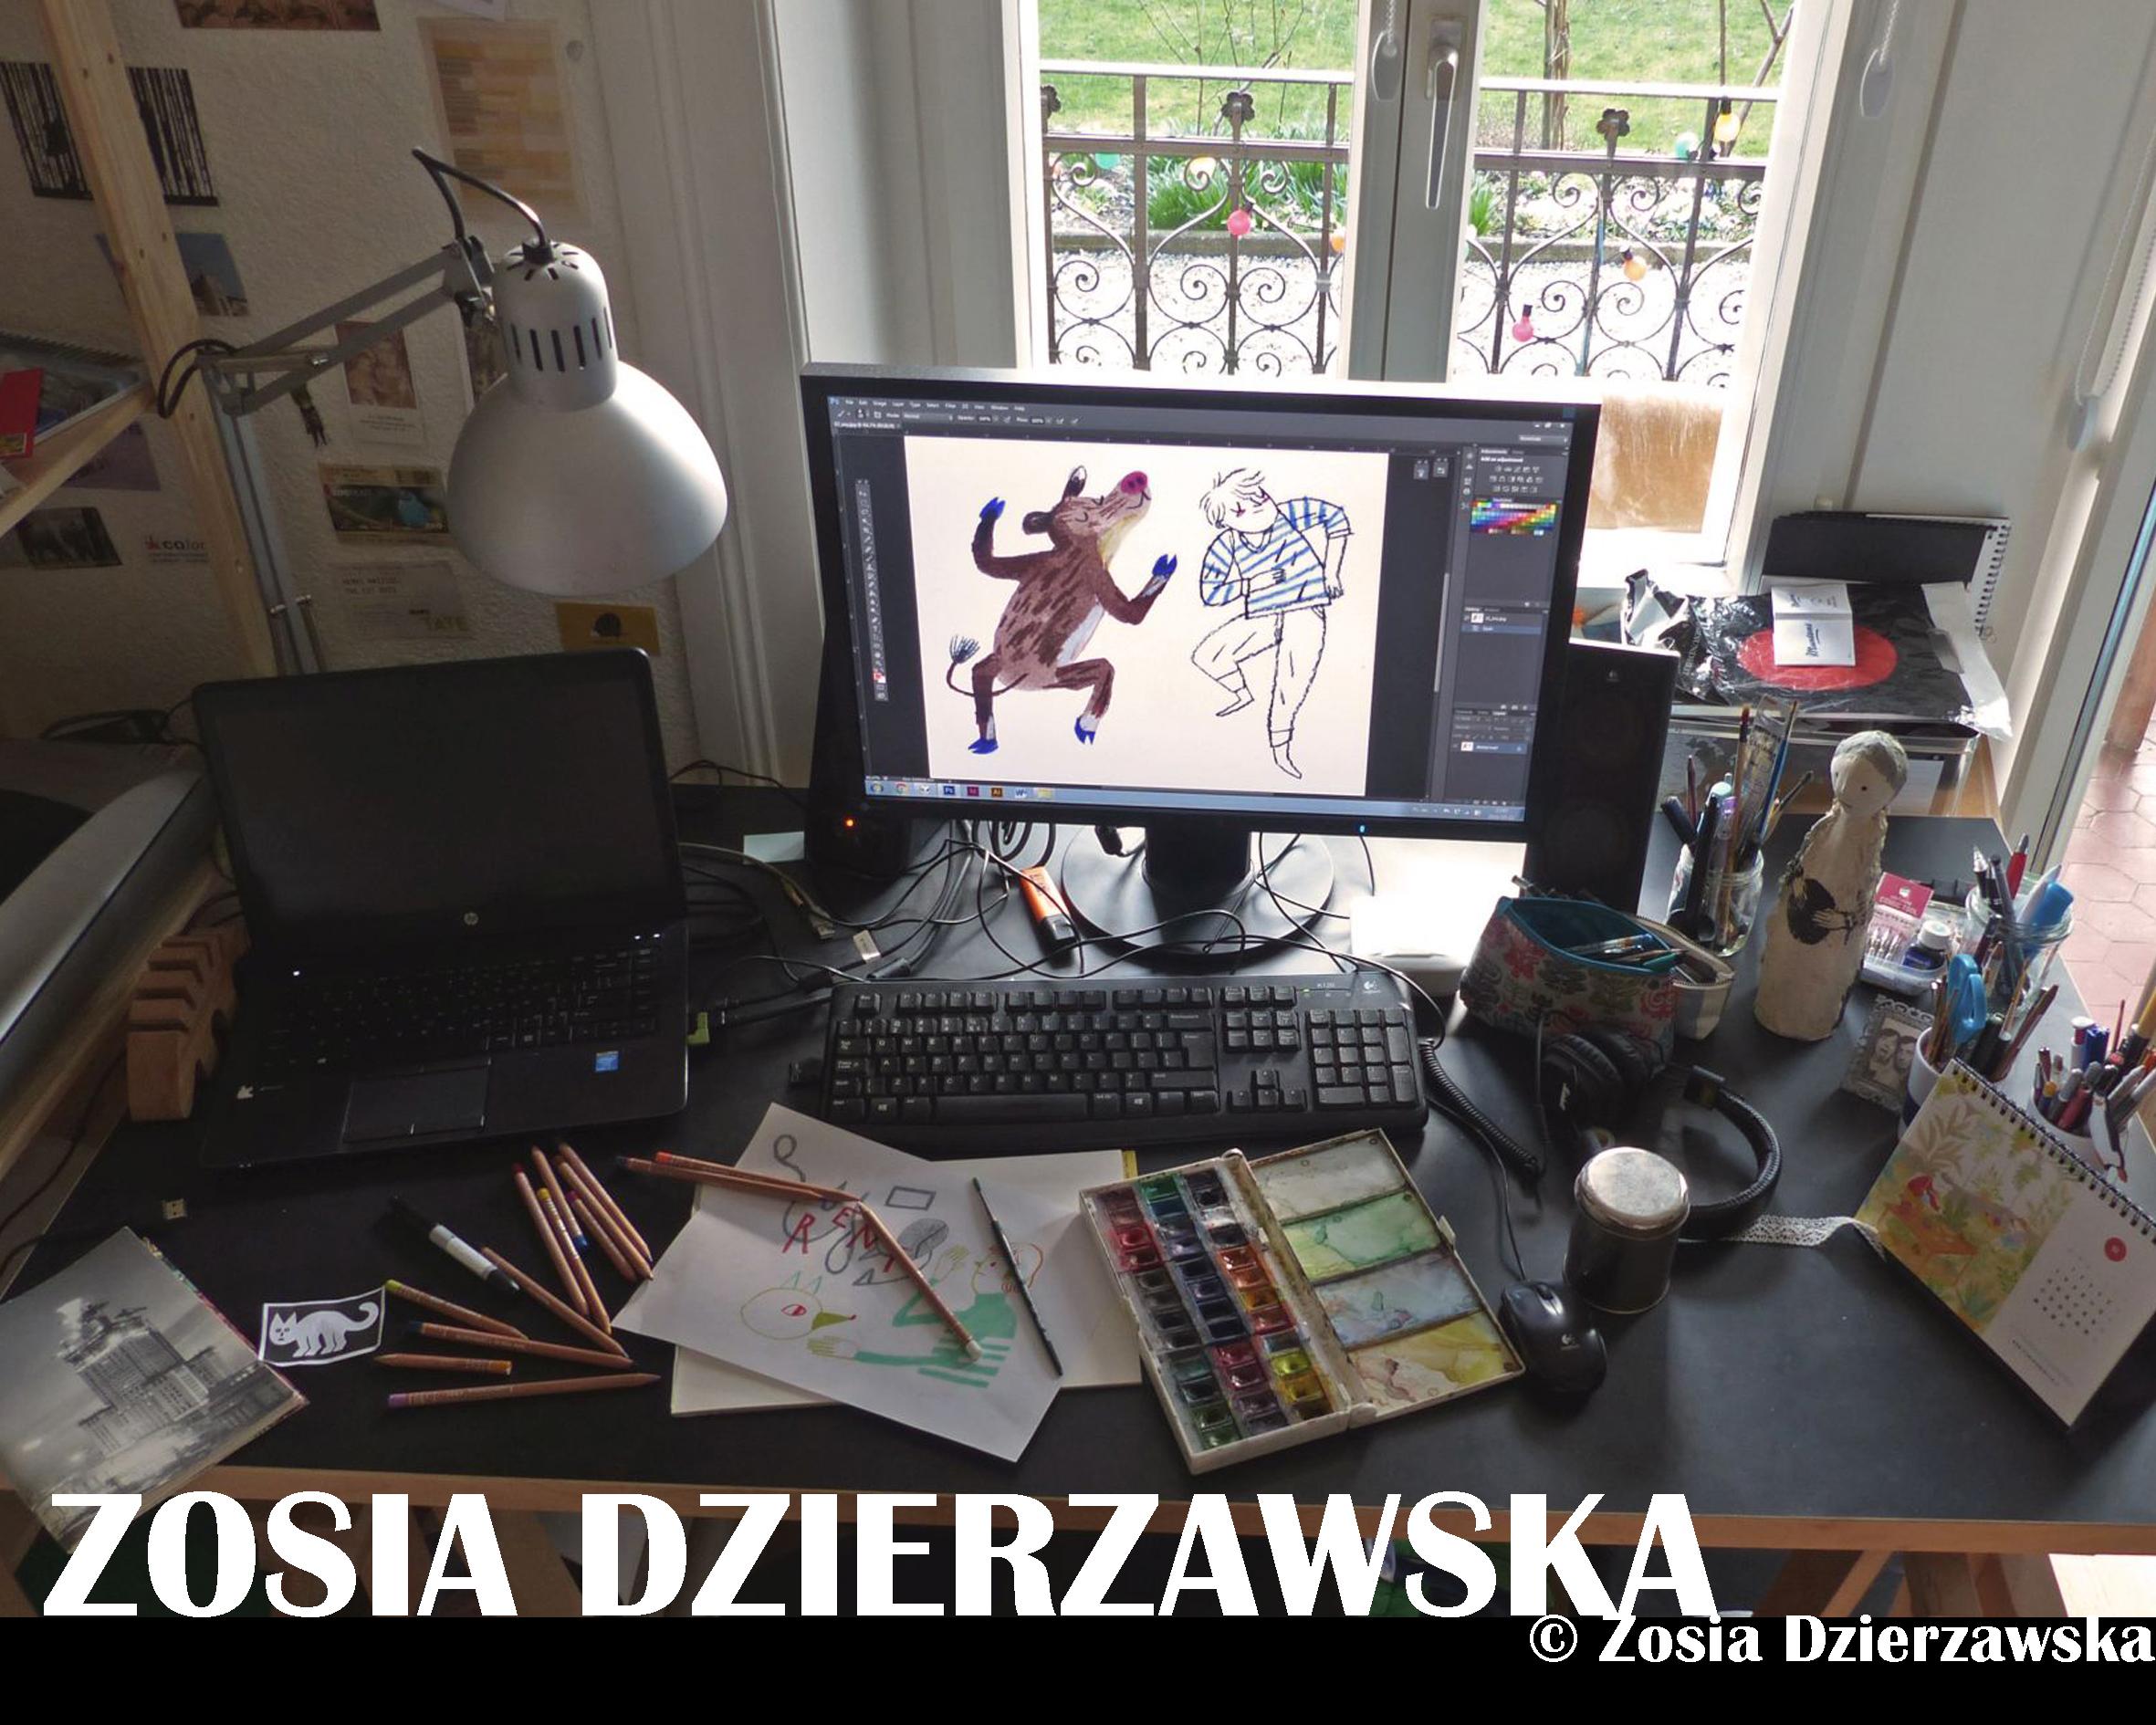 Zosia Dzierzawska